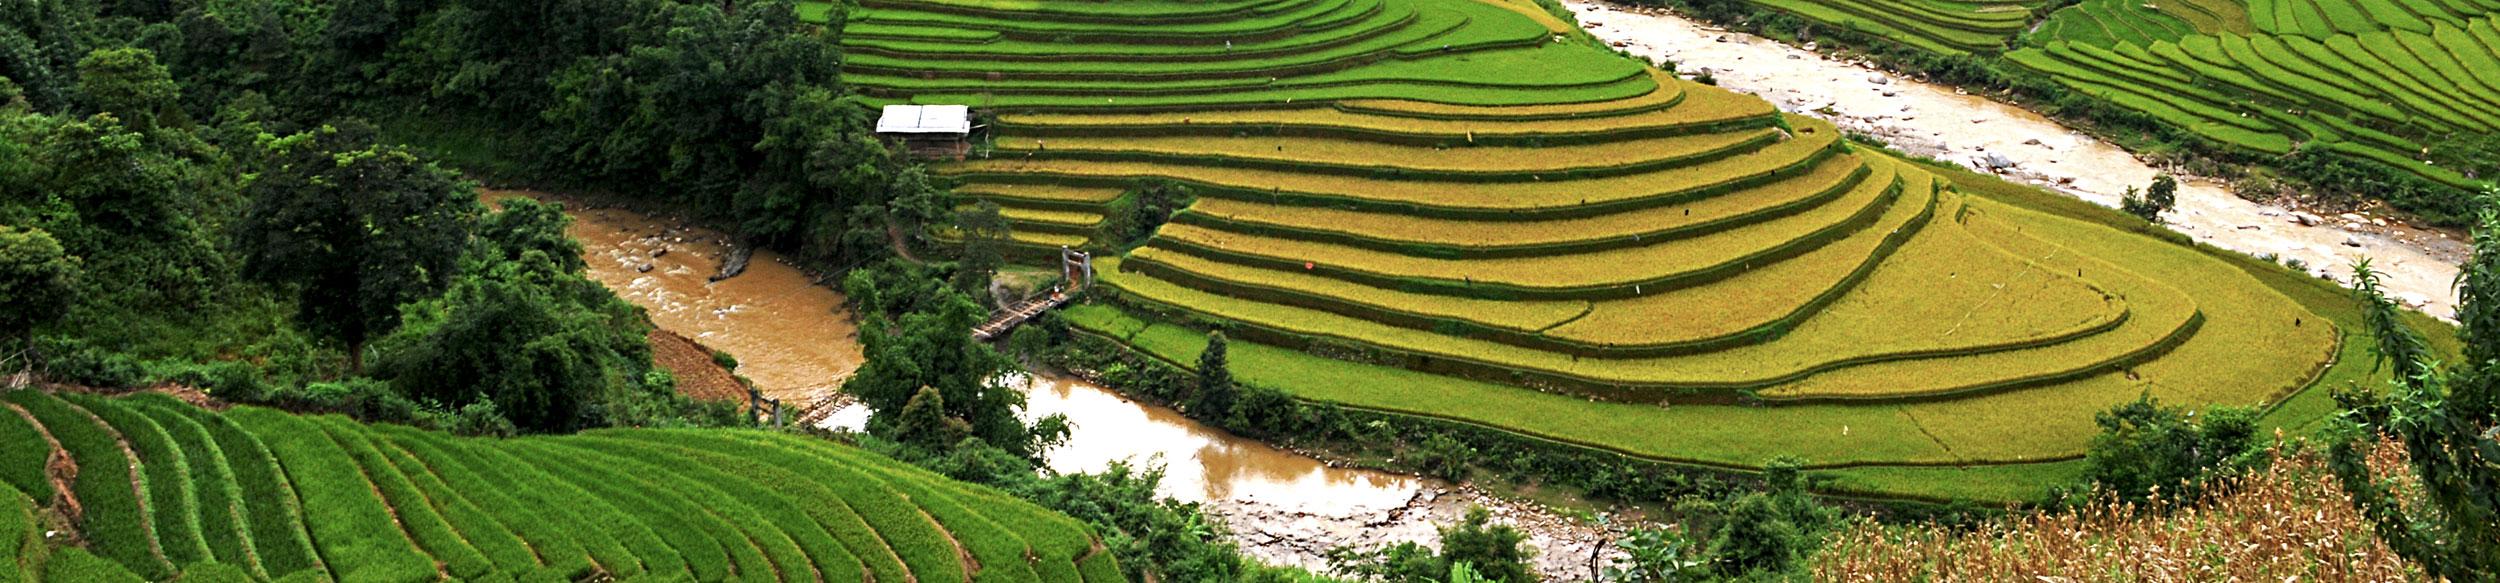 Découvrir la rizière à Mu Cang Chai avec Carnets d'Asie